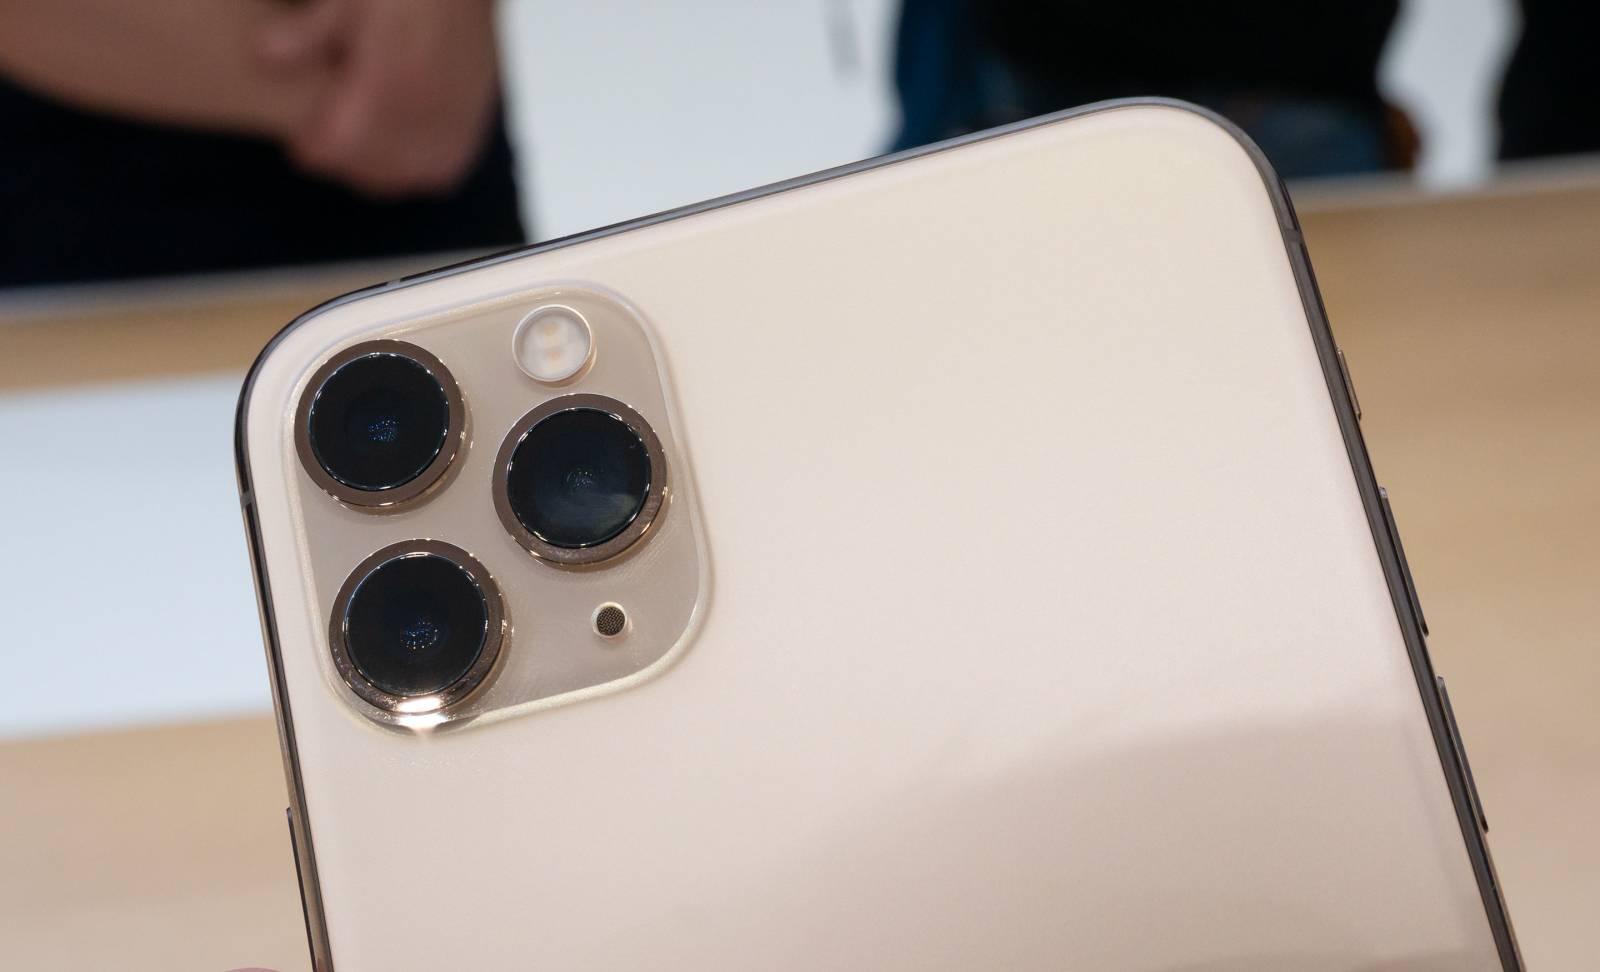 eMAG anunta LANSARAE iPhone 11, iPhone 11 Pro in Romania